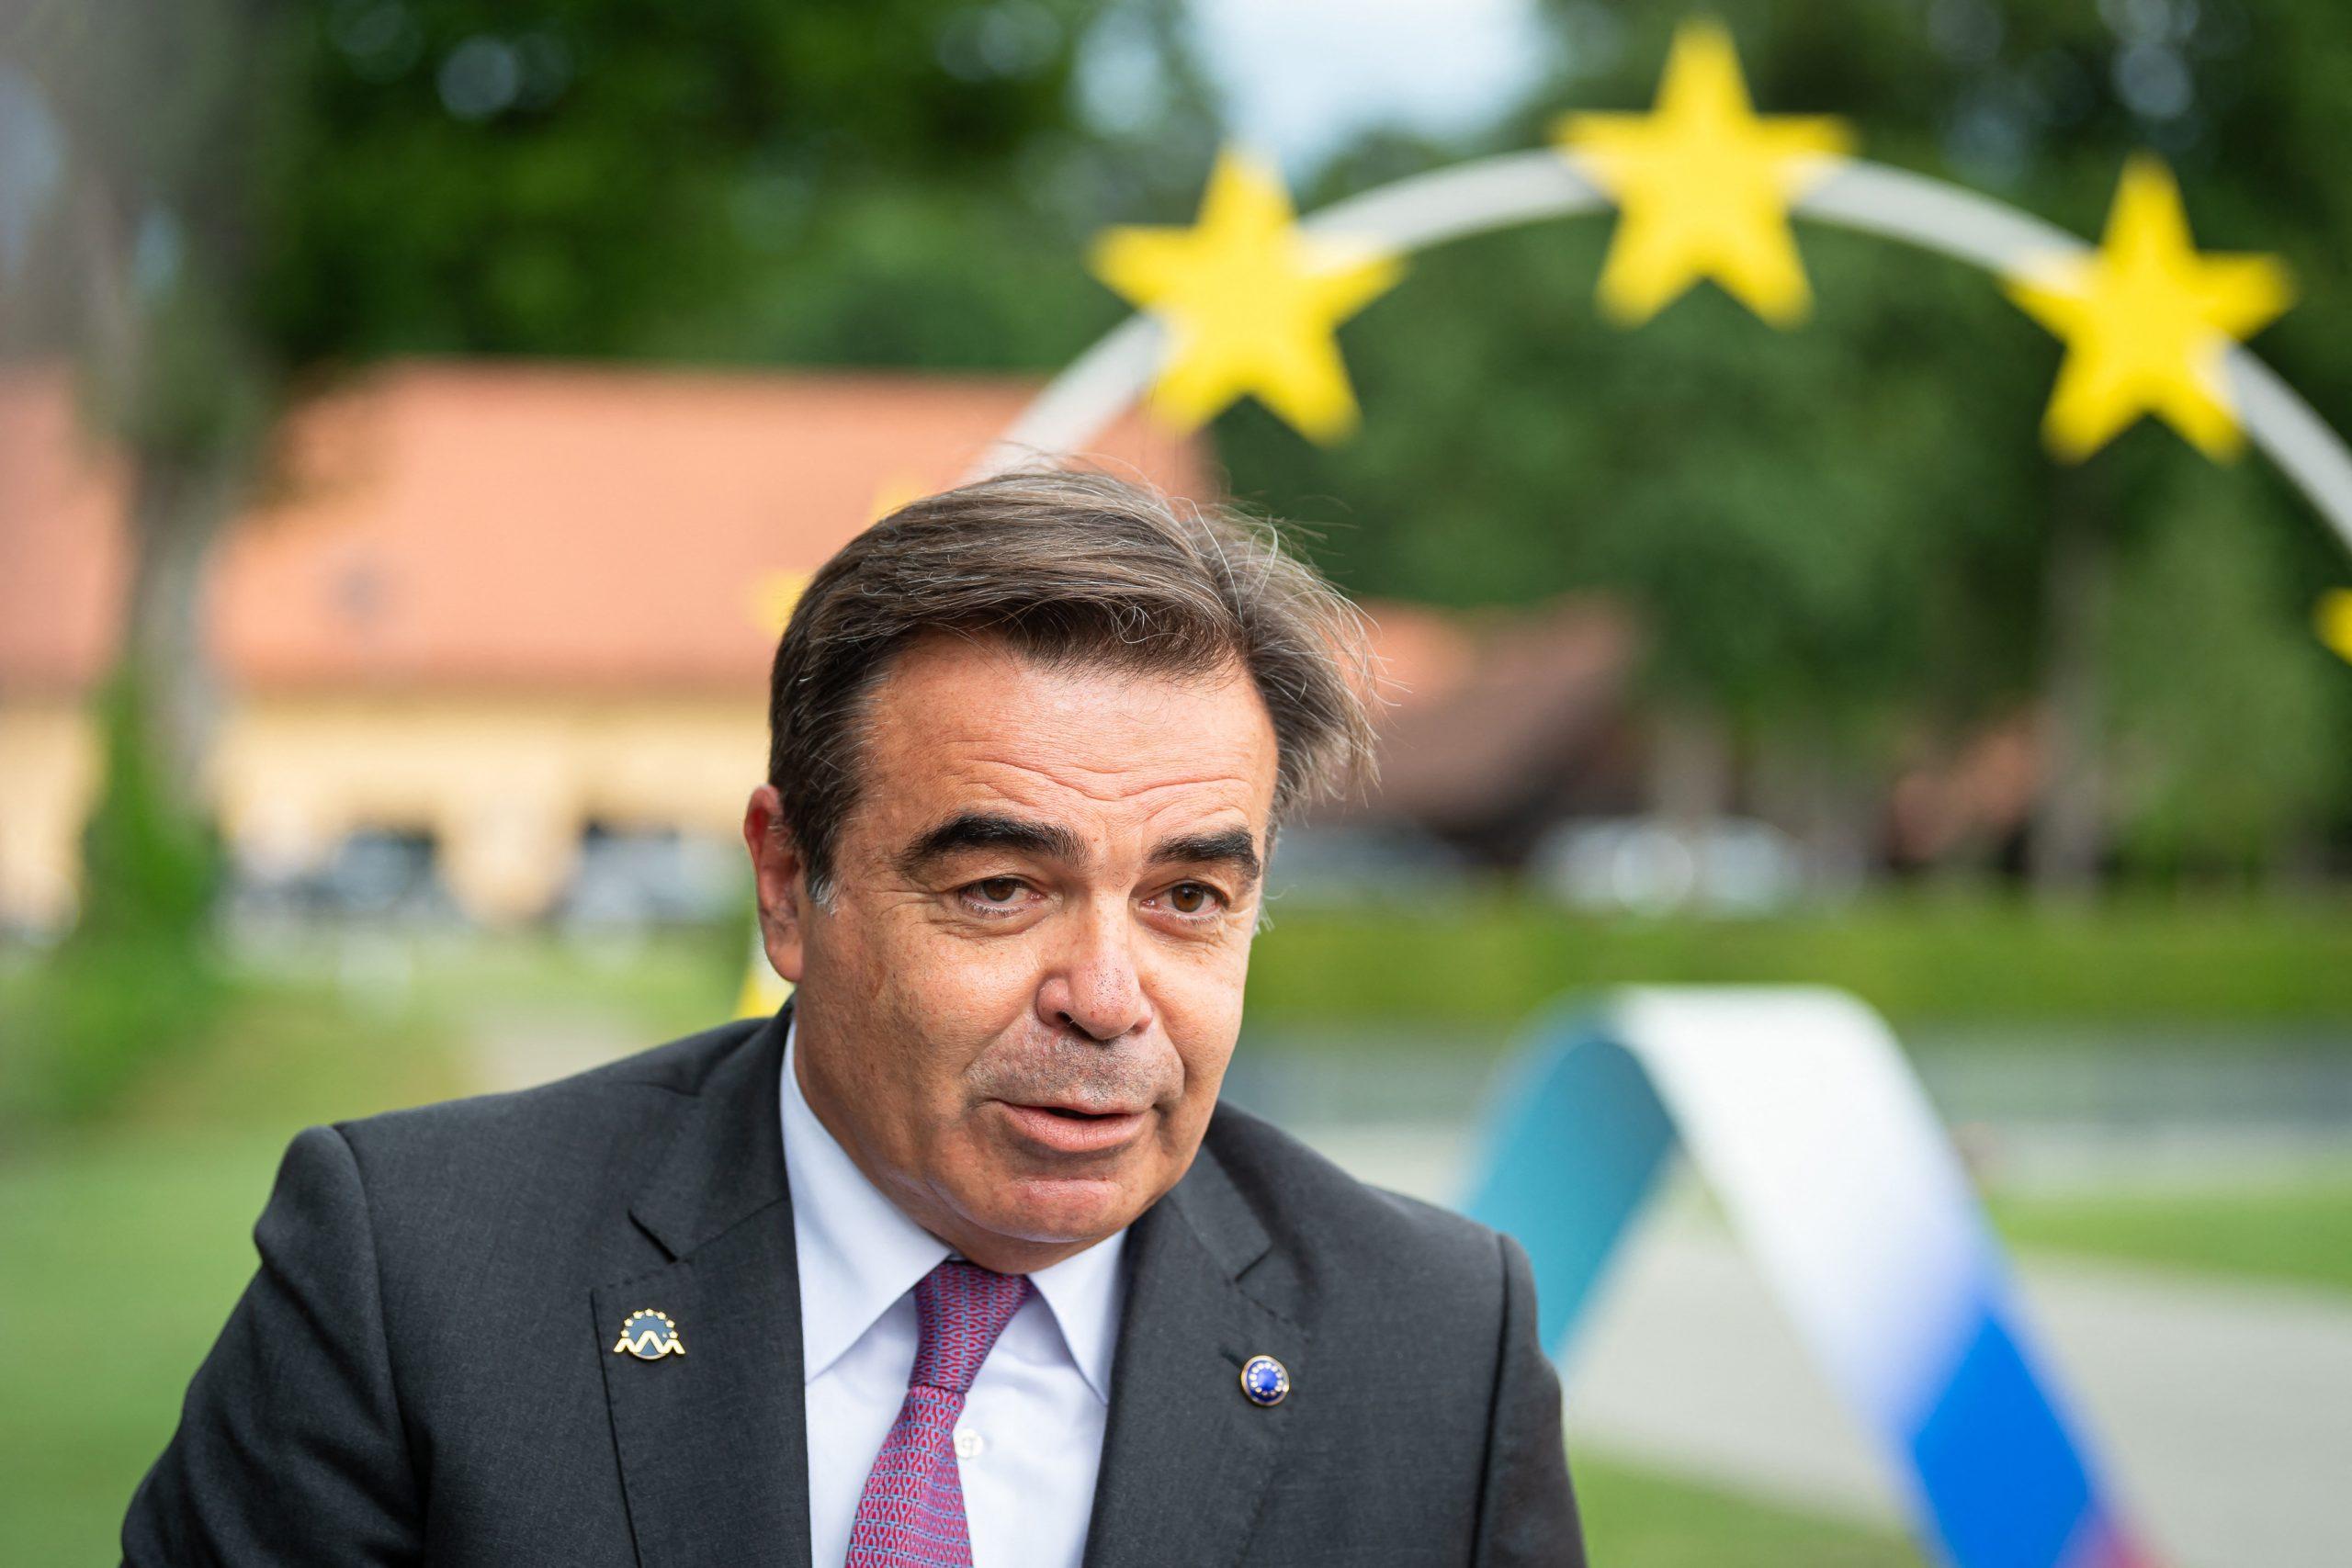 EU-Kommissar drängt auf einheitliche Migrationspolitik in Europa